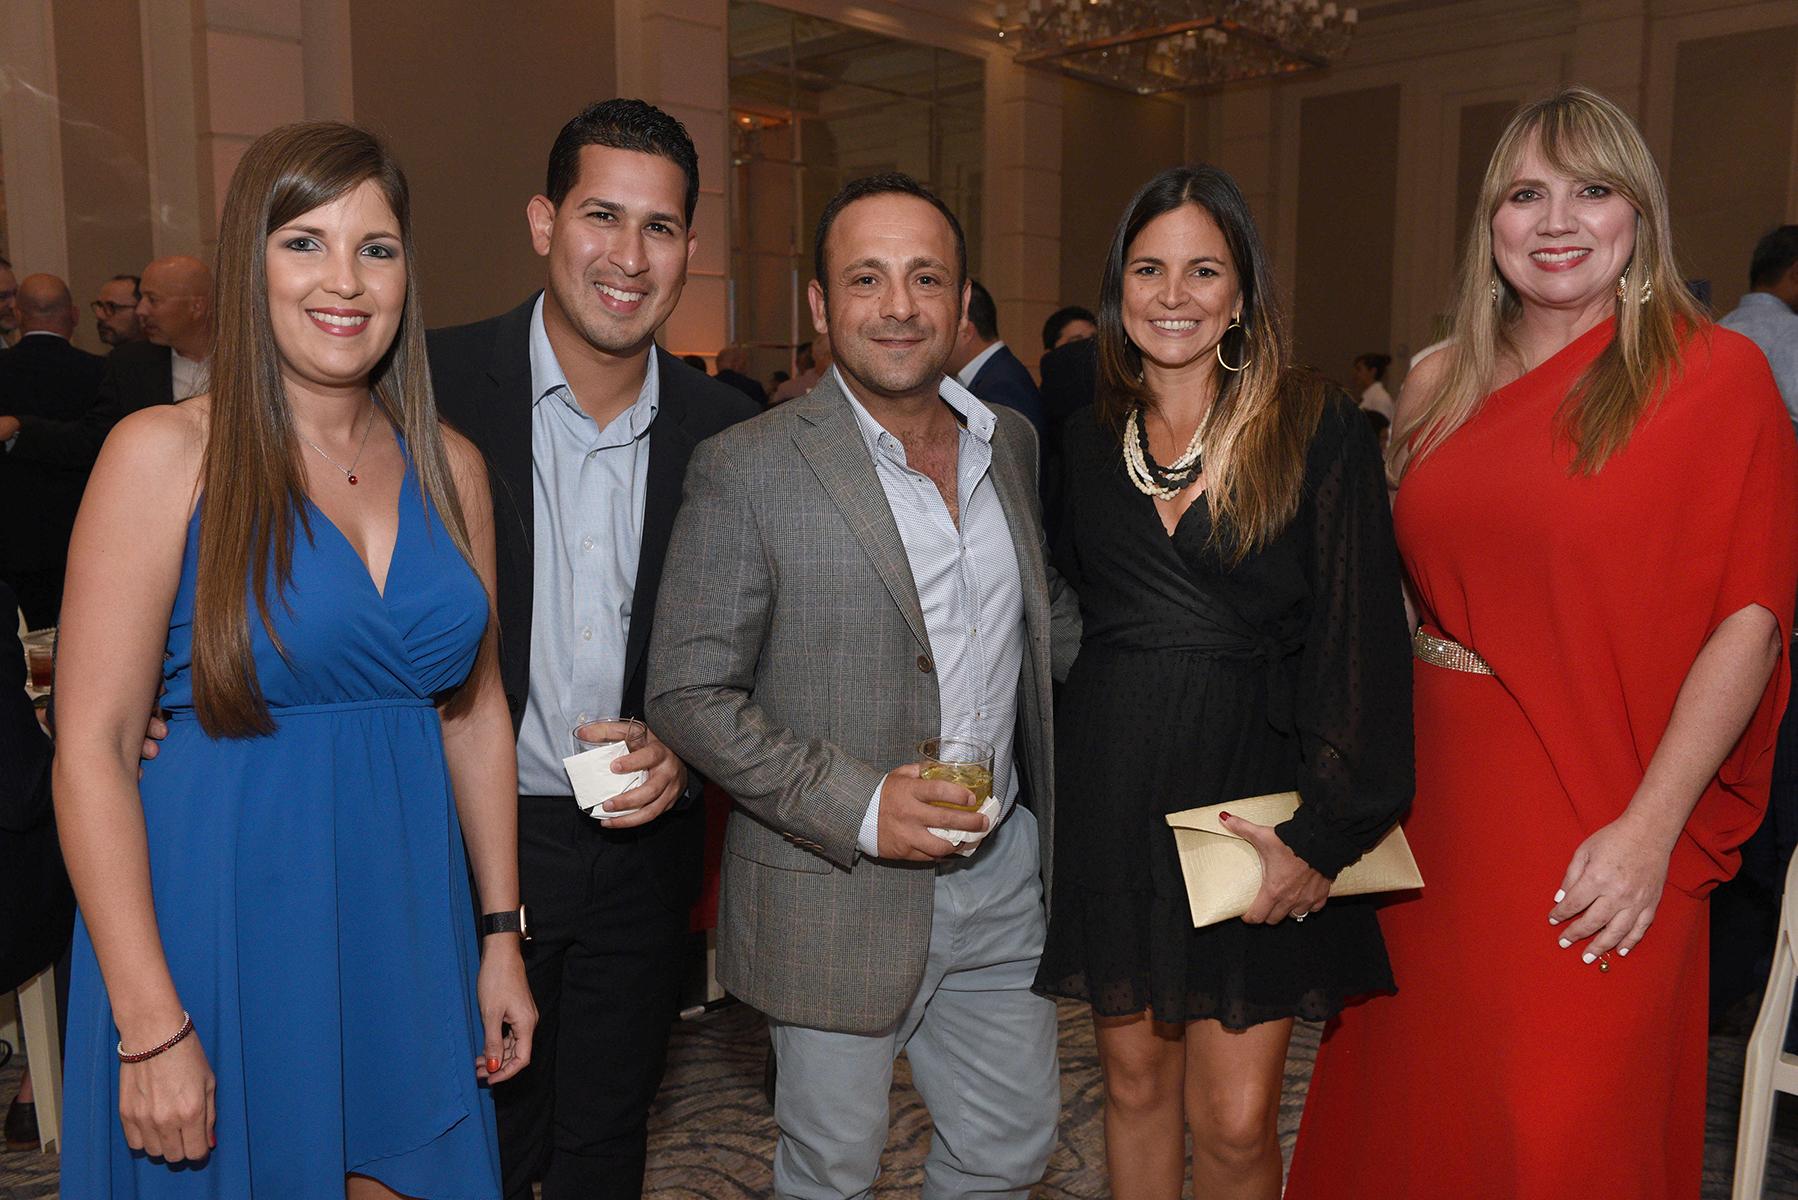 Wilayra Colón, Christian Jiménez, Luiggi Costante, Carmen Morales y Michelle Maranges. (Fotos: Ingrid Torres)